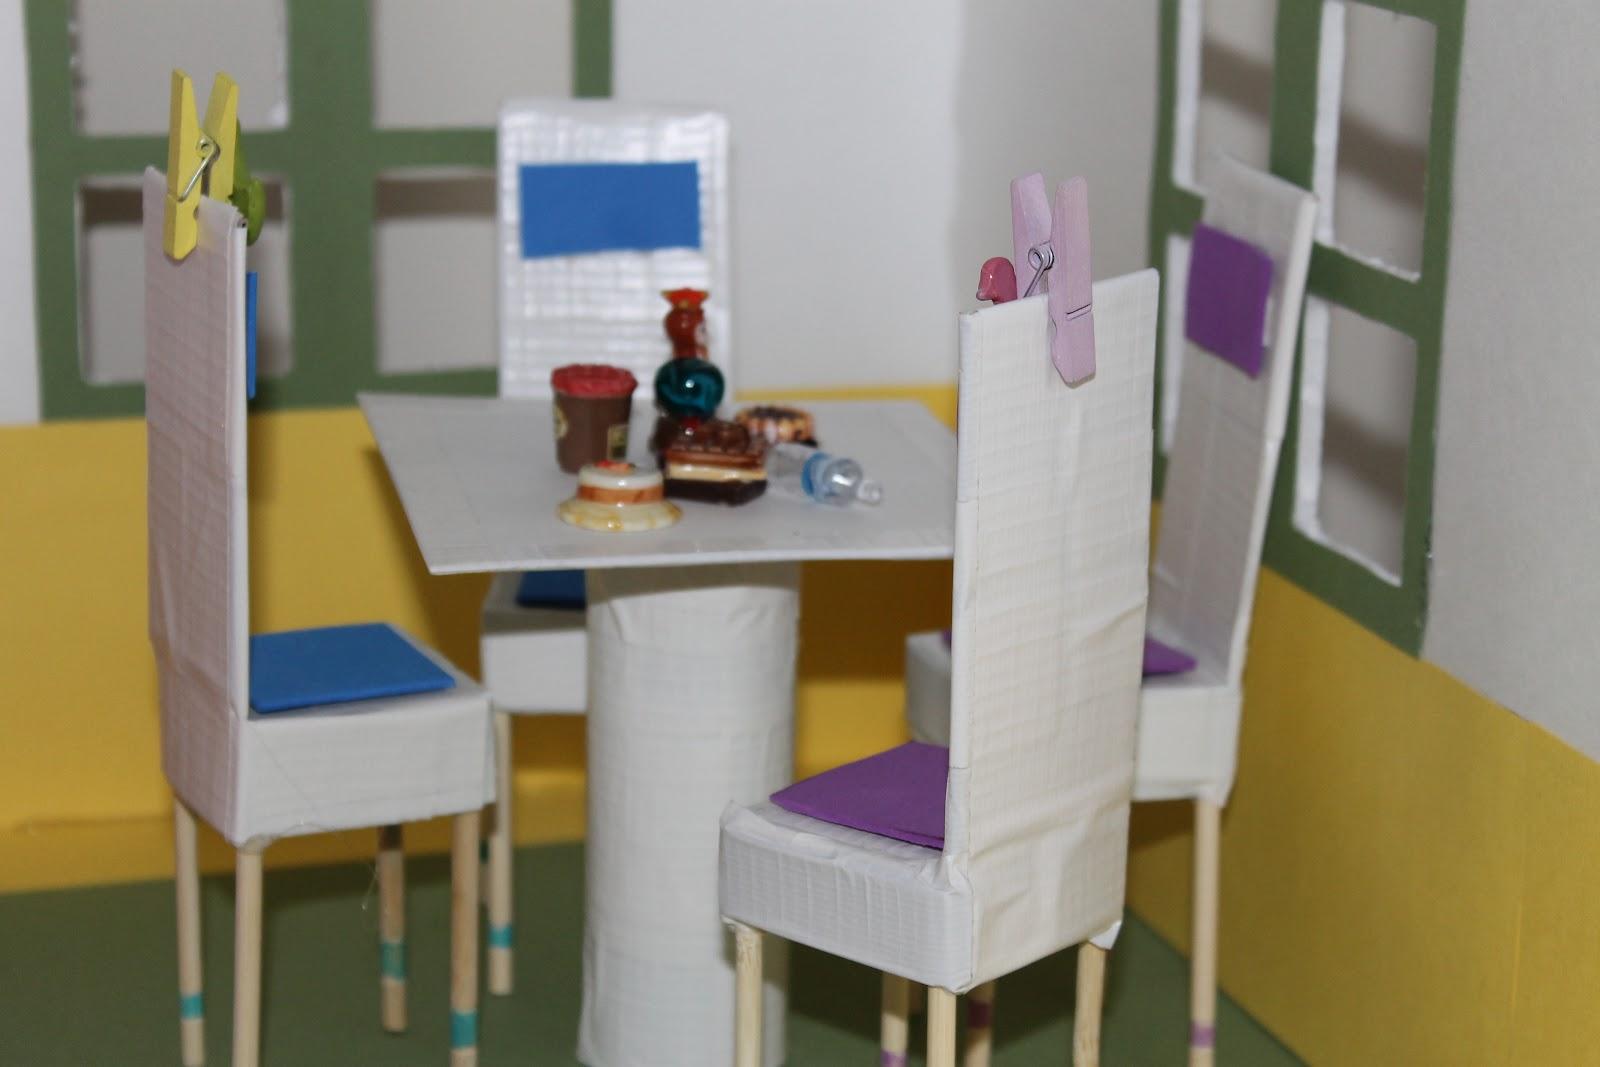 shasarignis barbie co mobilier de barbie barbie furniture. Black Bedroom Furniture Sets. Home Design Ideas